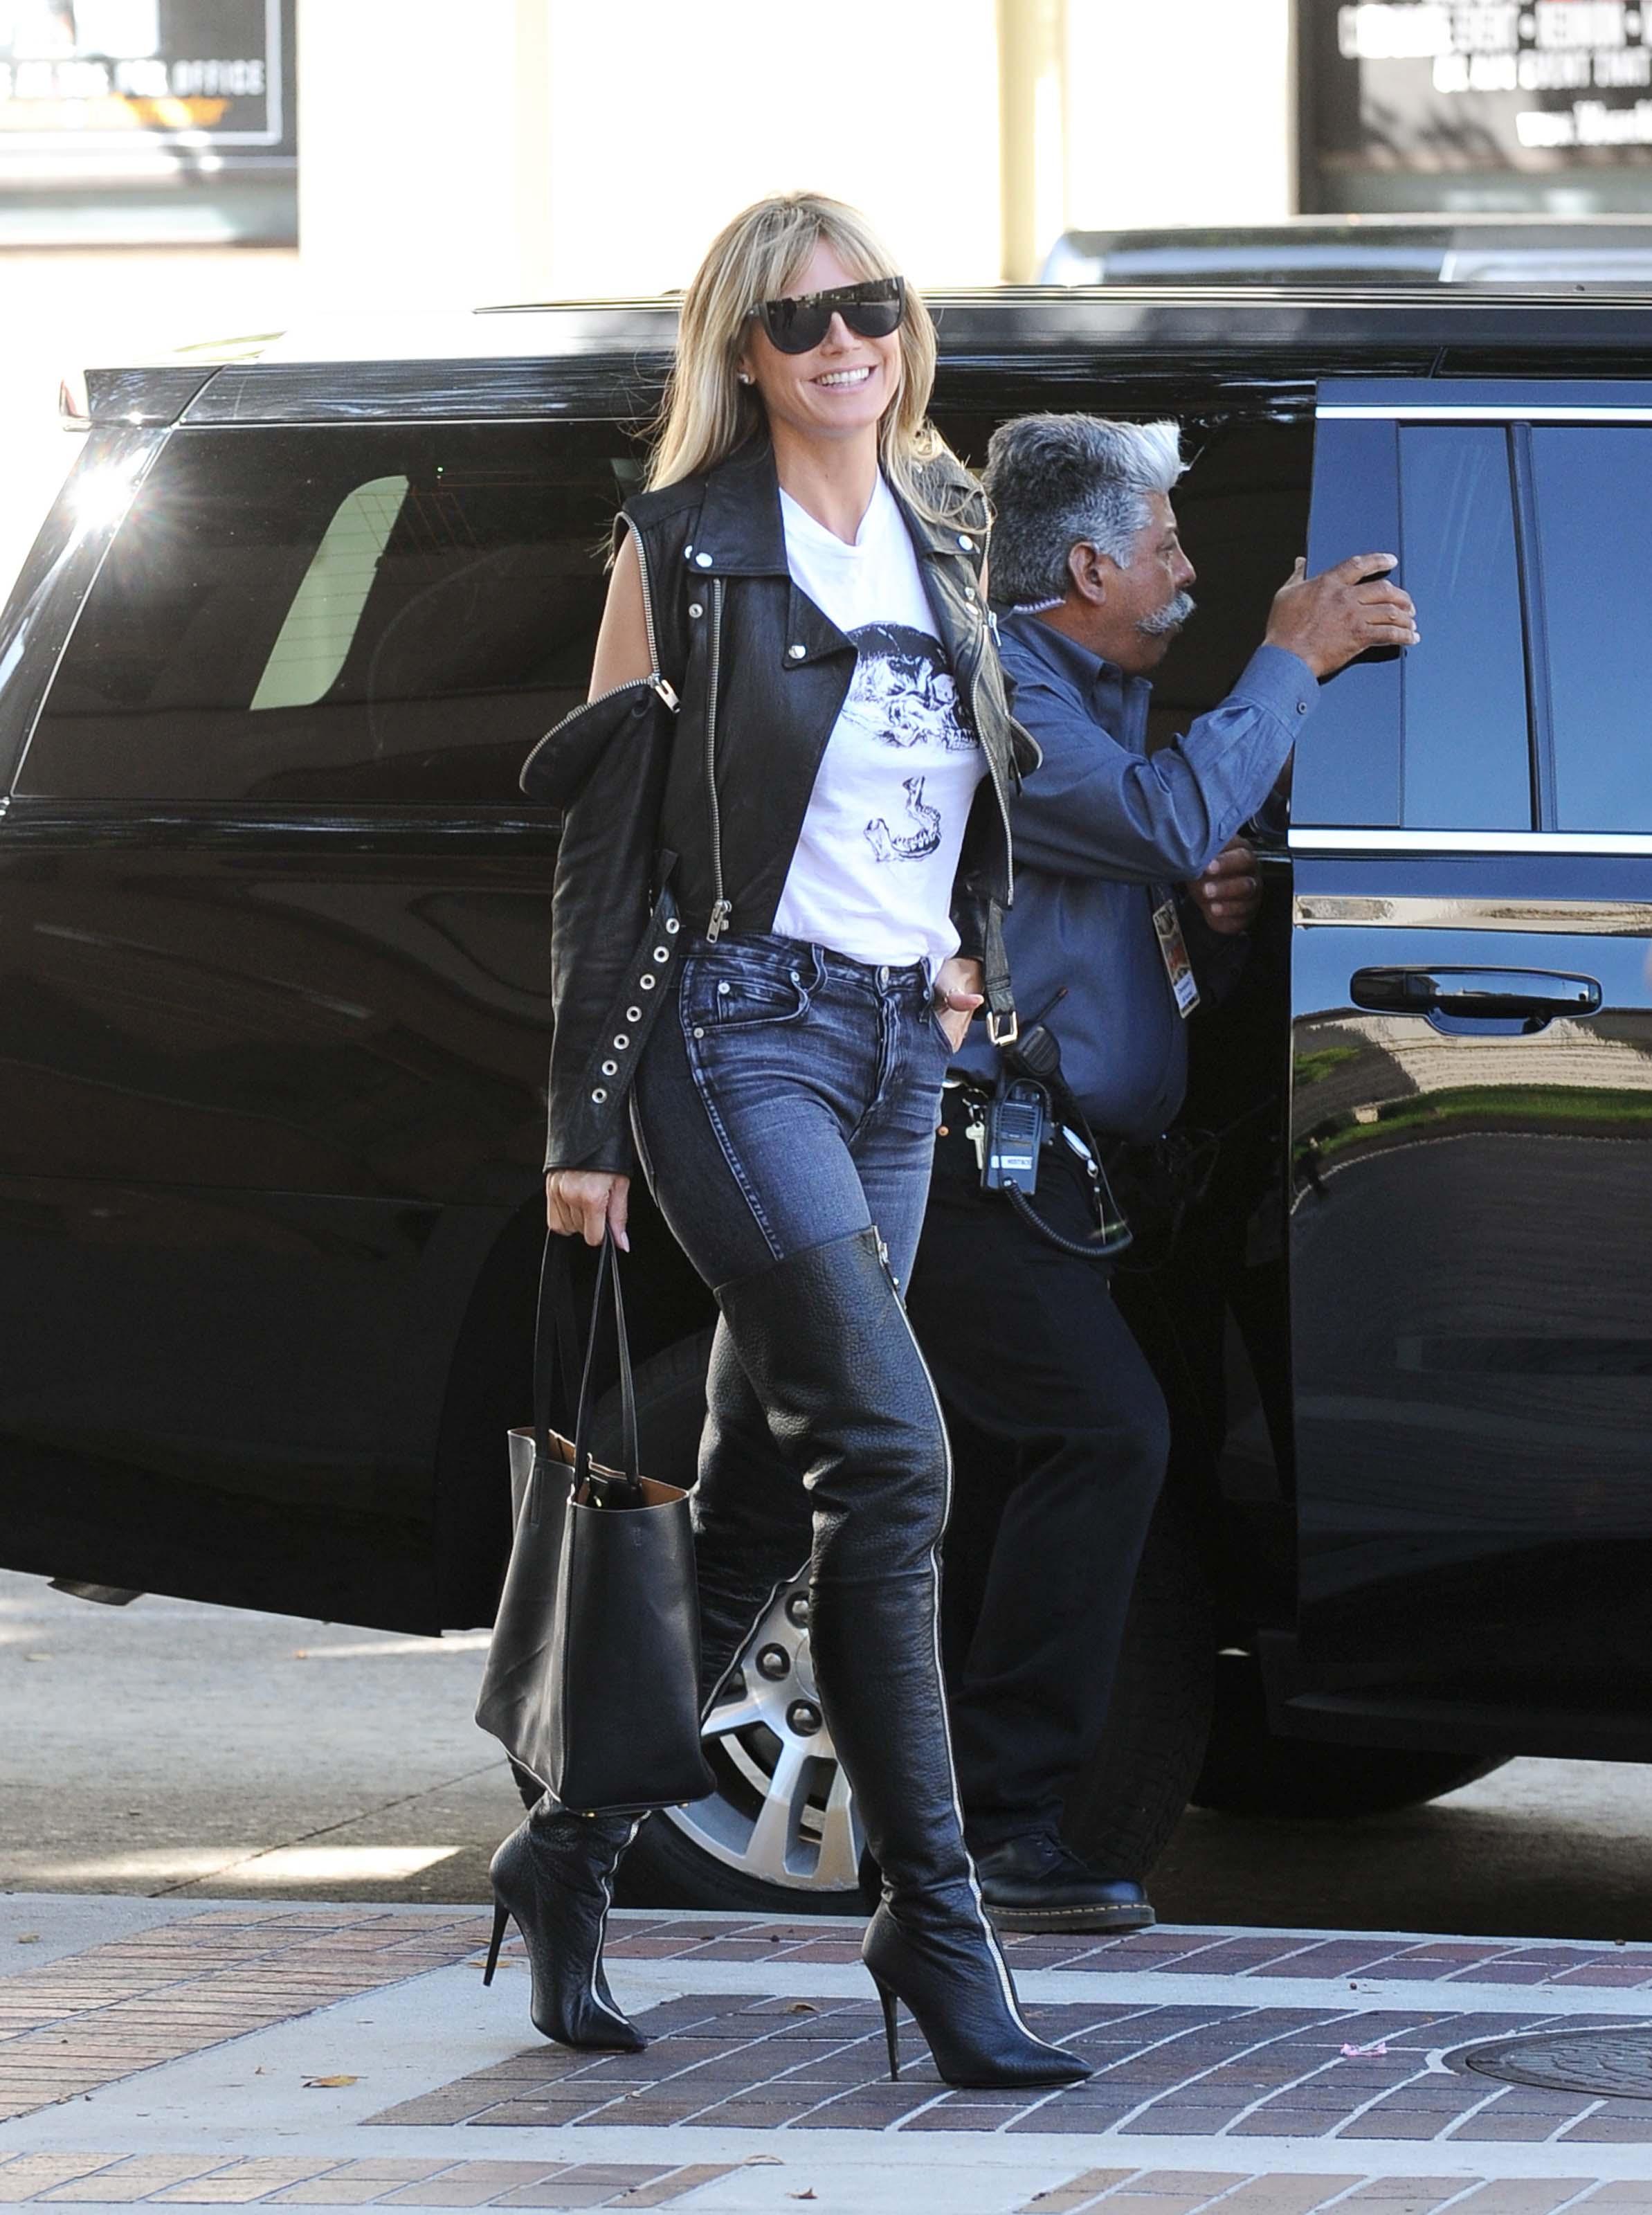 Heidi Klum filming America's Got Talent